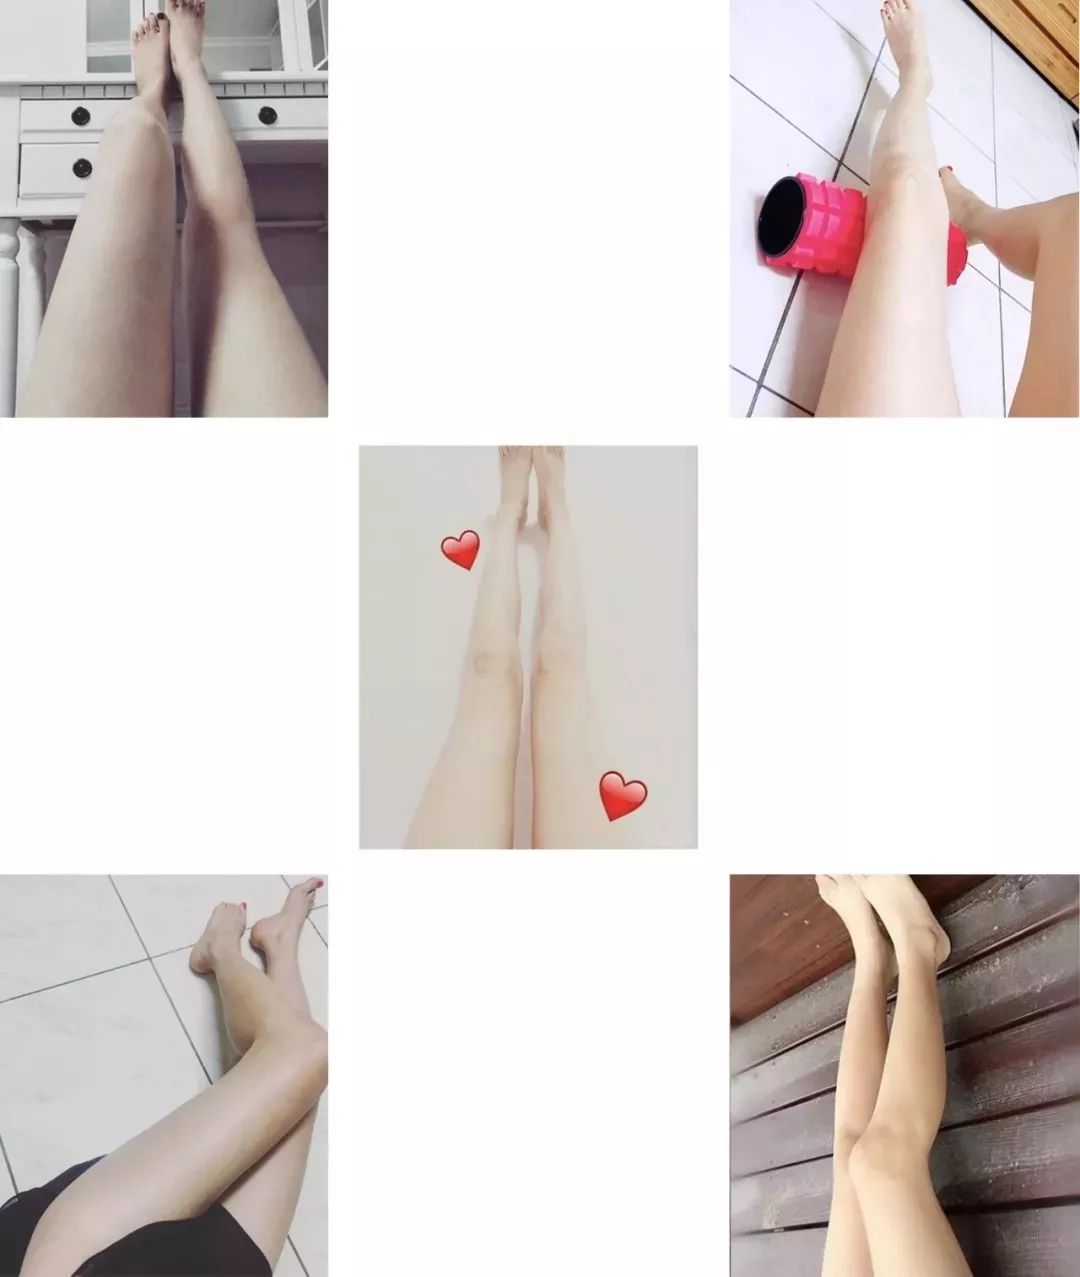 """维密私教美腿秘籍:减腿围 · 消肌肉 · 矫正腿型,每天15分钟练出""""女神腿""""-第32张图片-爱课啦"""